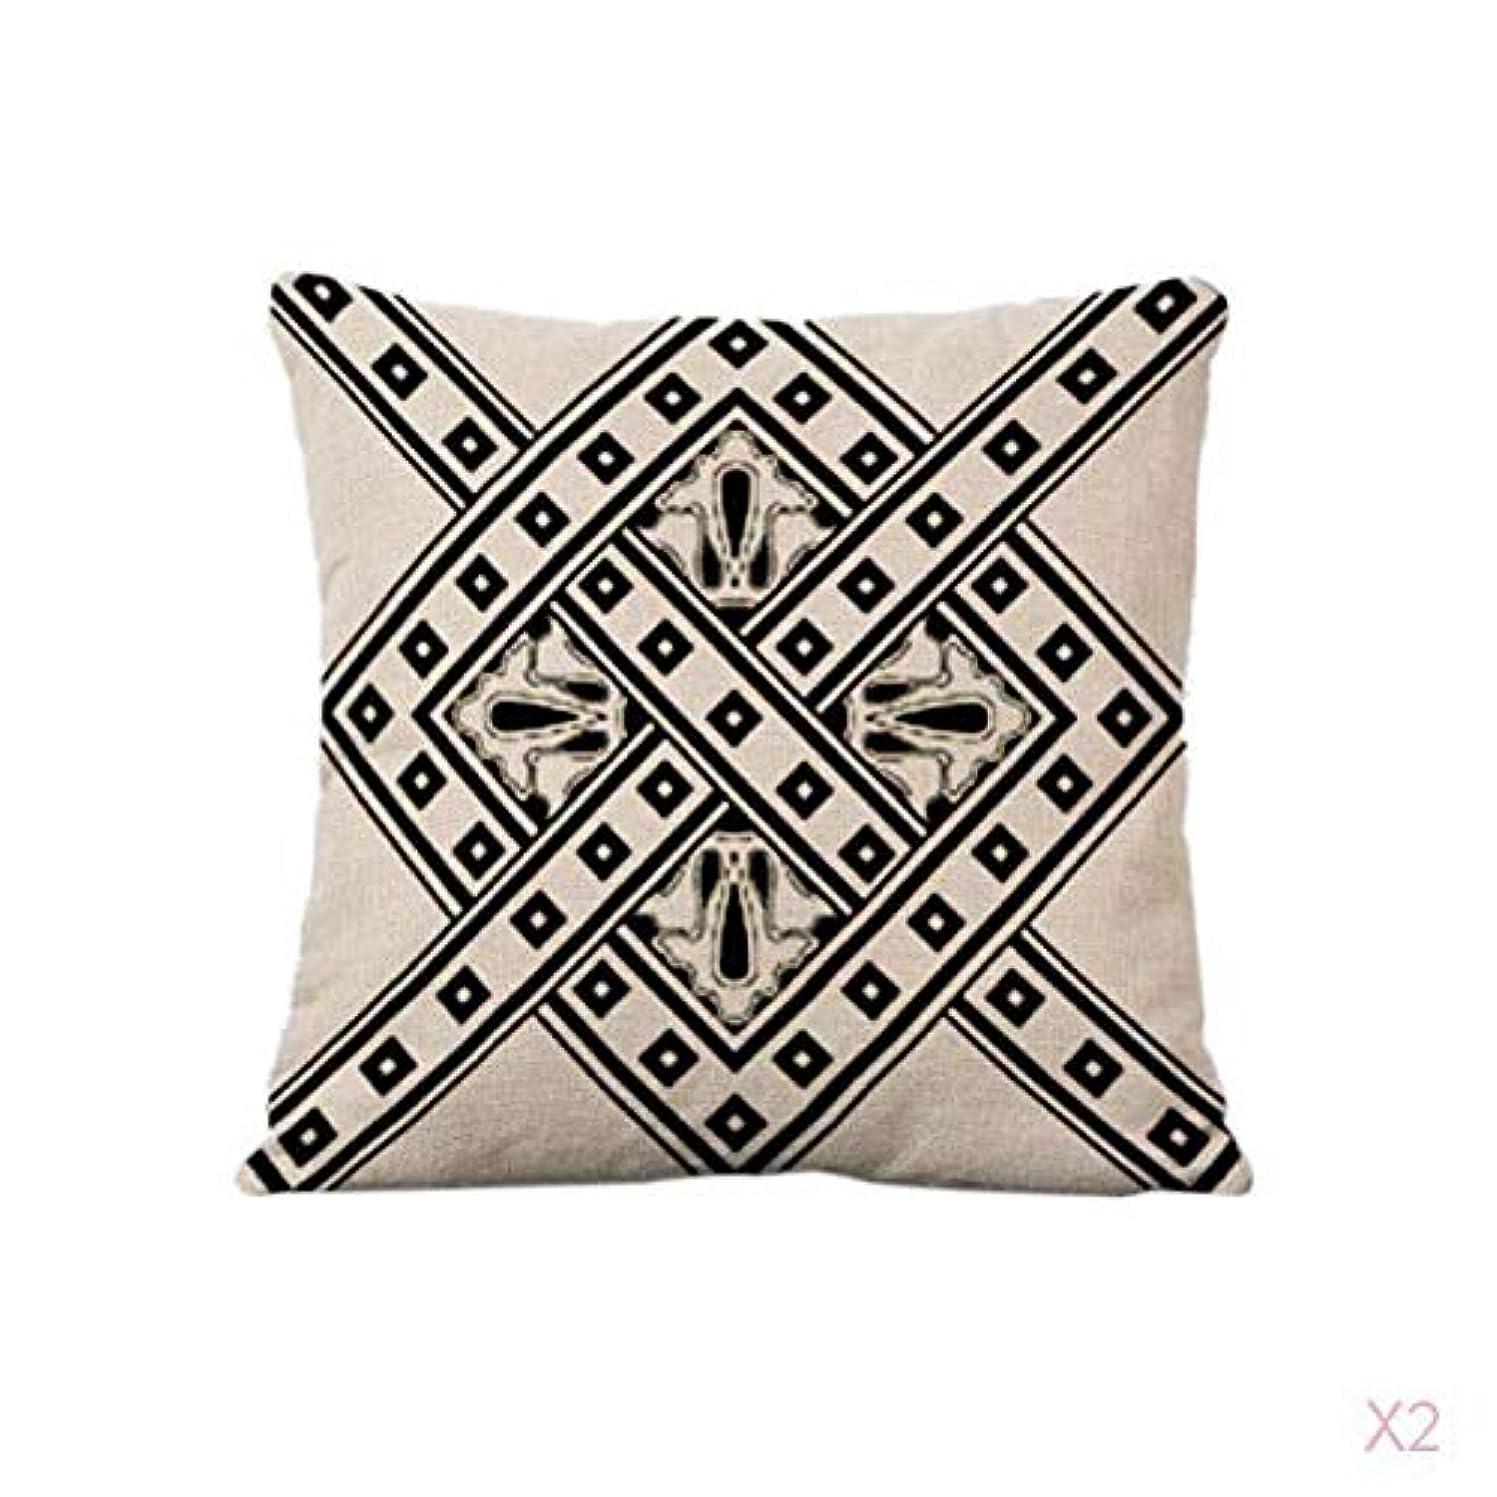 スチール合併症旧正月クッションカバー5色シンプルな幾何学模様のリネンソファー腰枕カバー